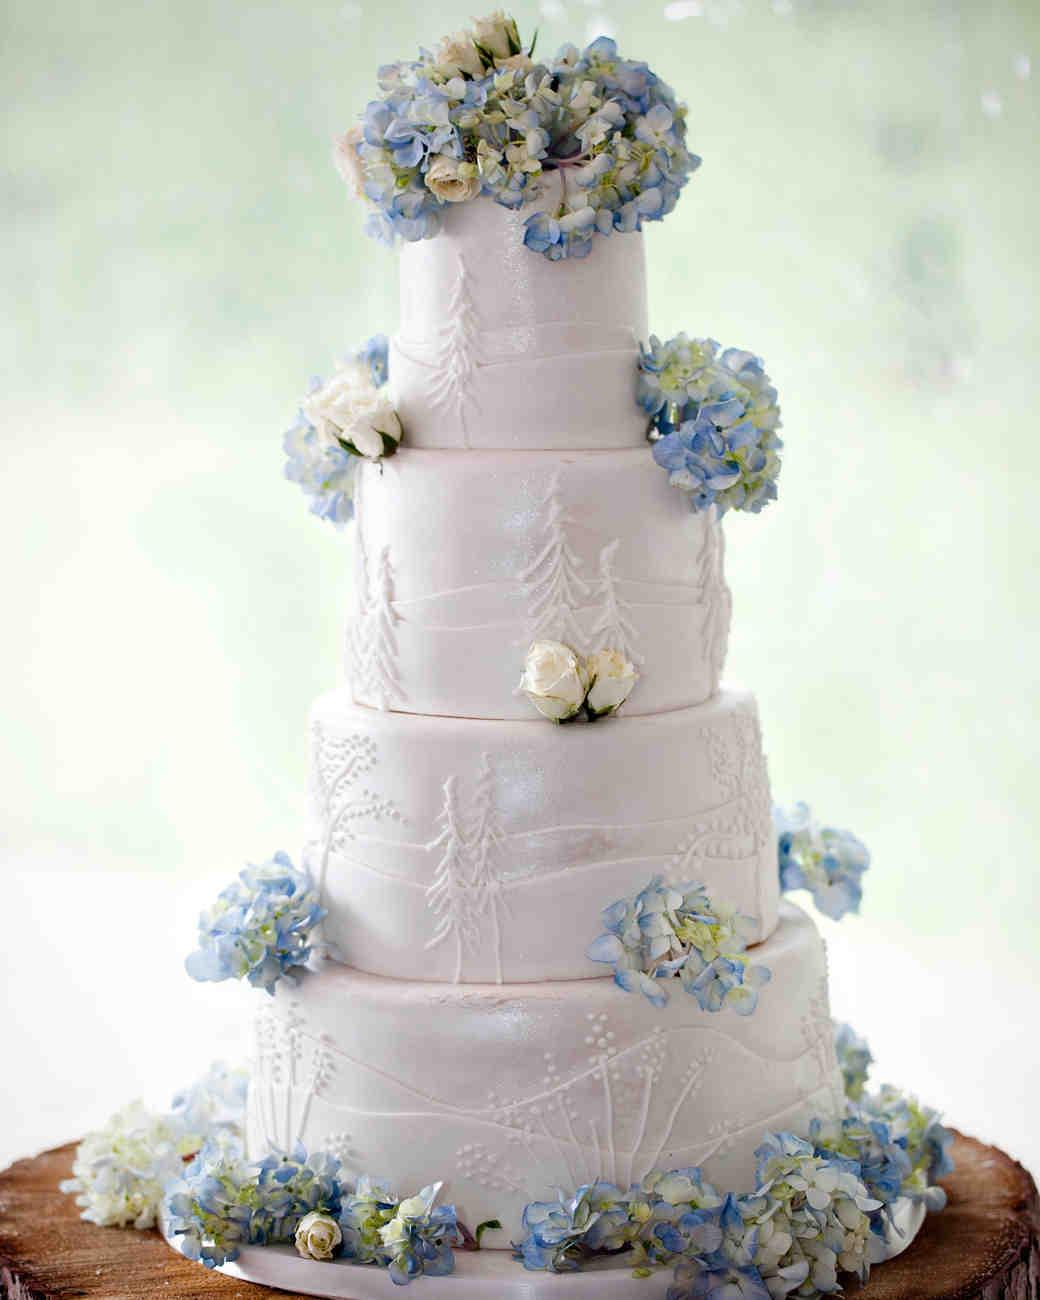 cake-pros-sugar-0414.jpg